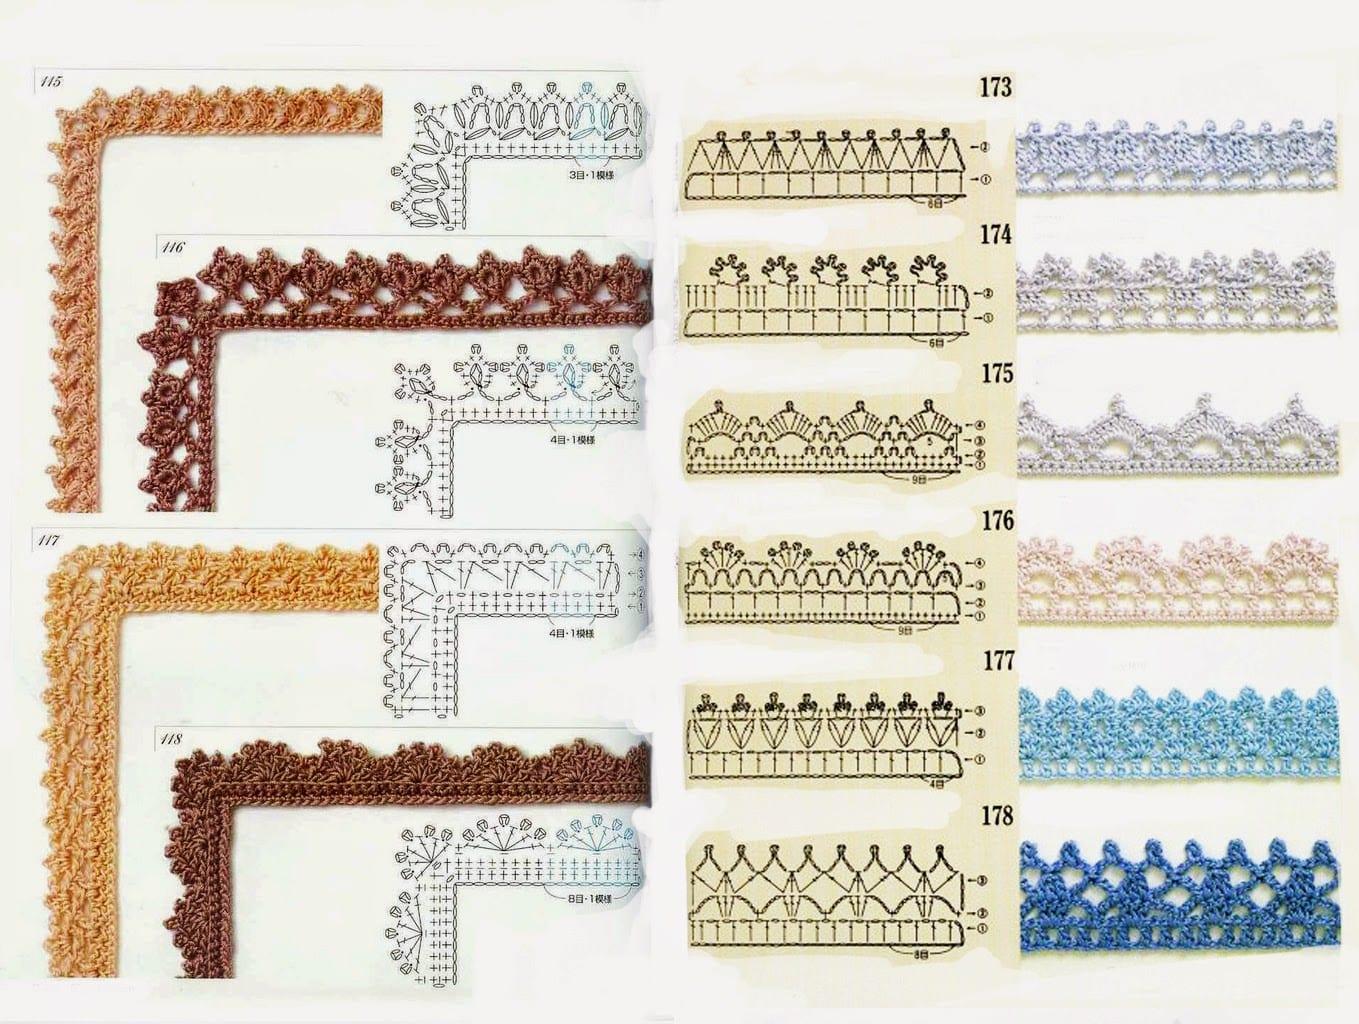 Вязание крючком схемы для вязания крючком с подробным